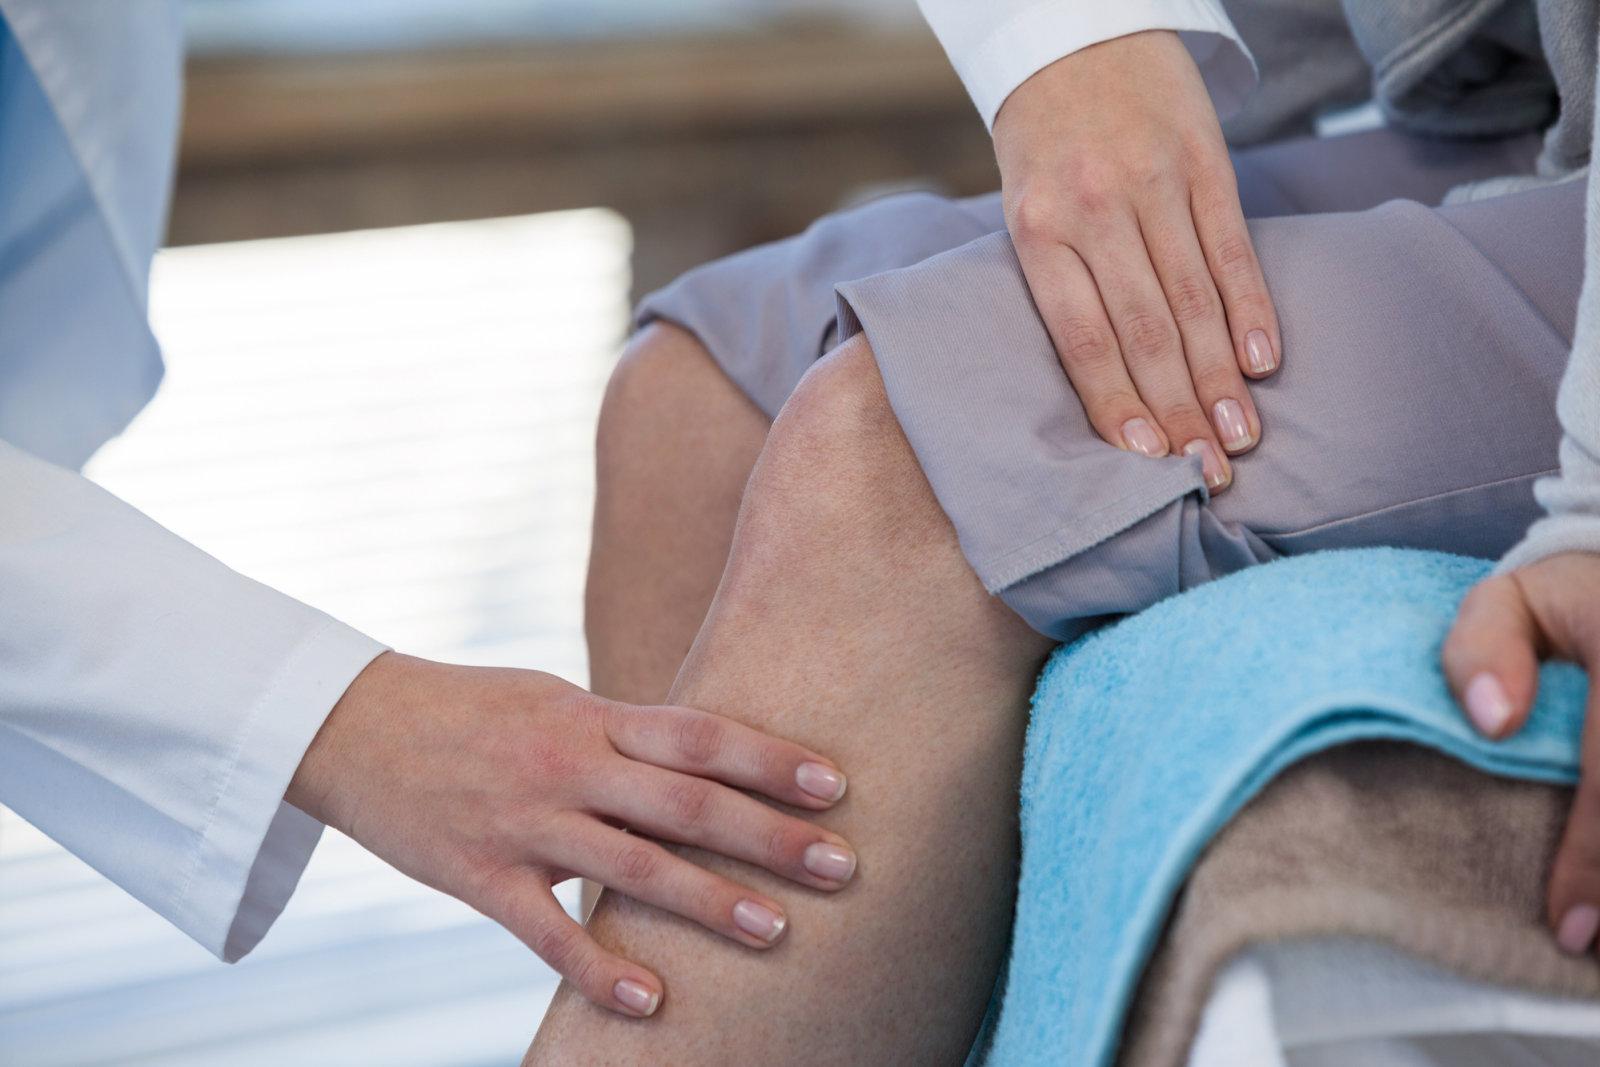 Folk oiguskaitsevahendite jalgade ravi liigeste haigus Tagasi valutab joonistus